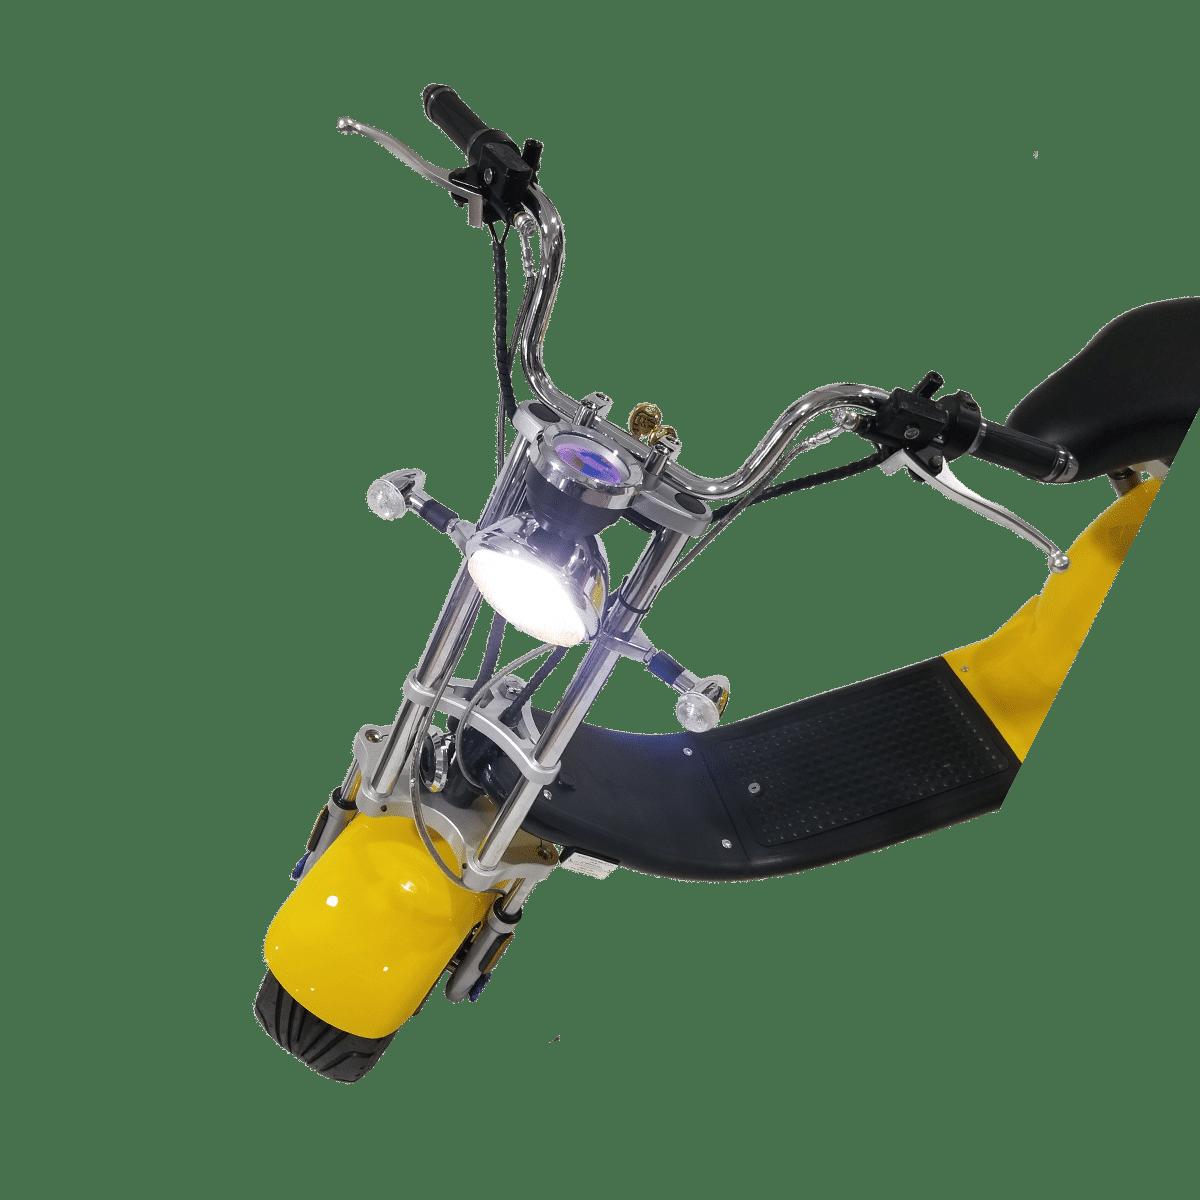 Citycoco Harley Deluxe Jaune 1190€ 3